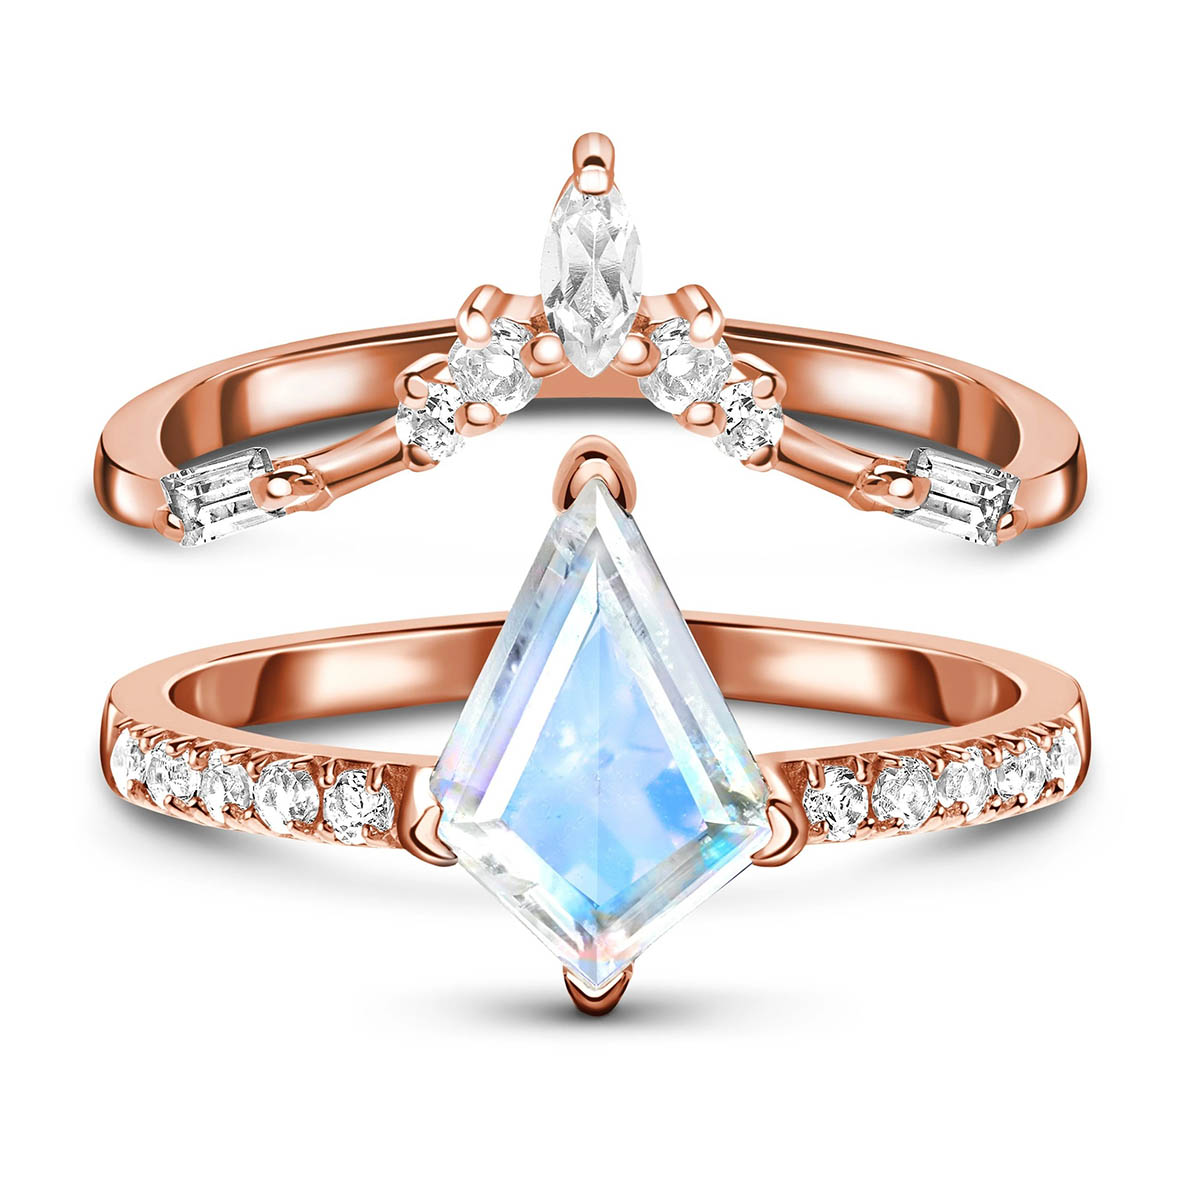 عالية الجودة 925 فضة الأوجه طائرة ورقية قطع 7x10 مللي متر الطبيعية الأزرق خاتم من حجر القمر خاتم من حجر القمر مجموعات للنساء هدية